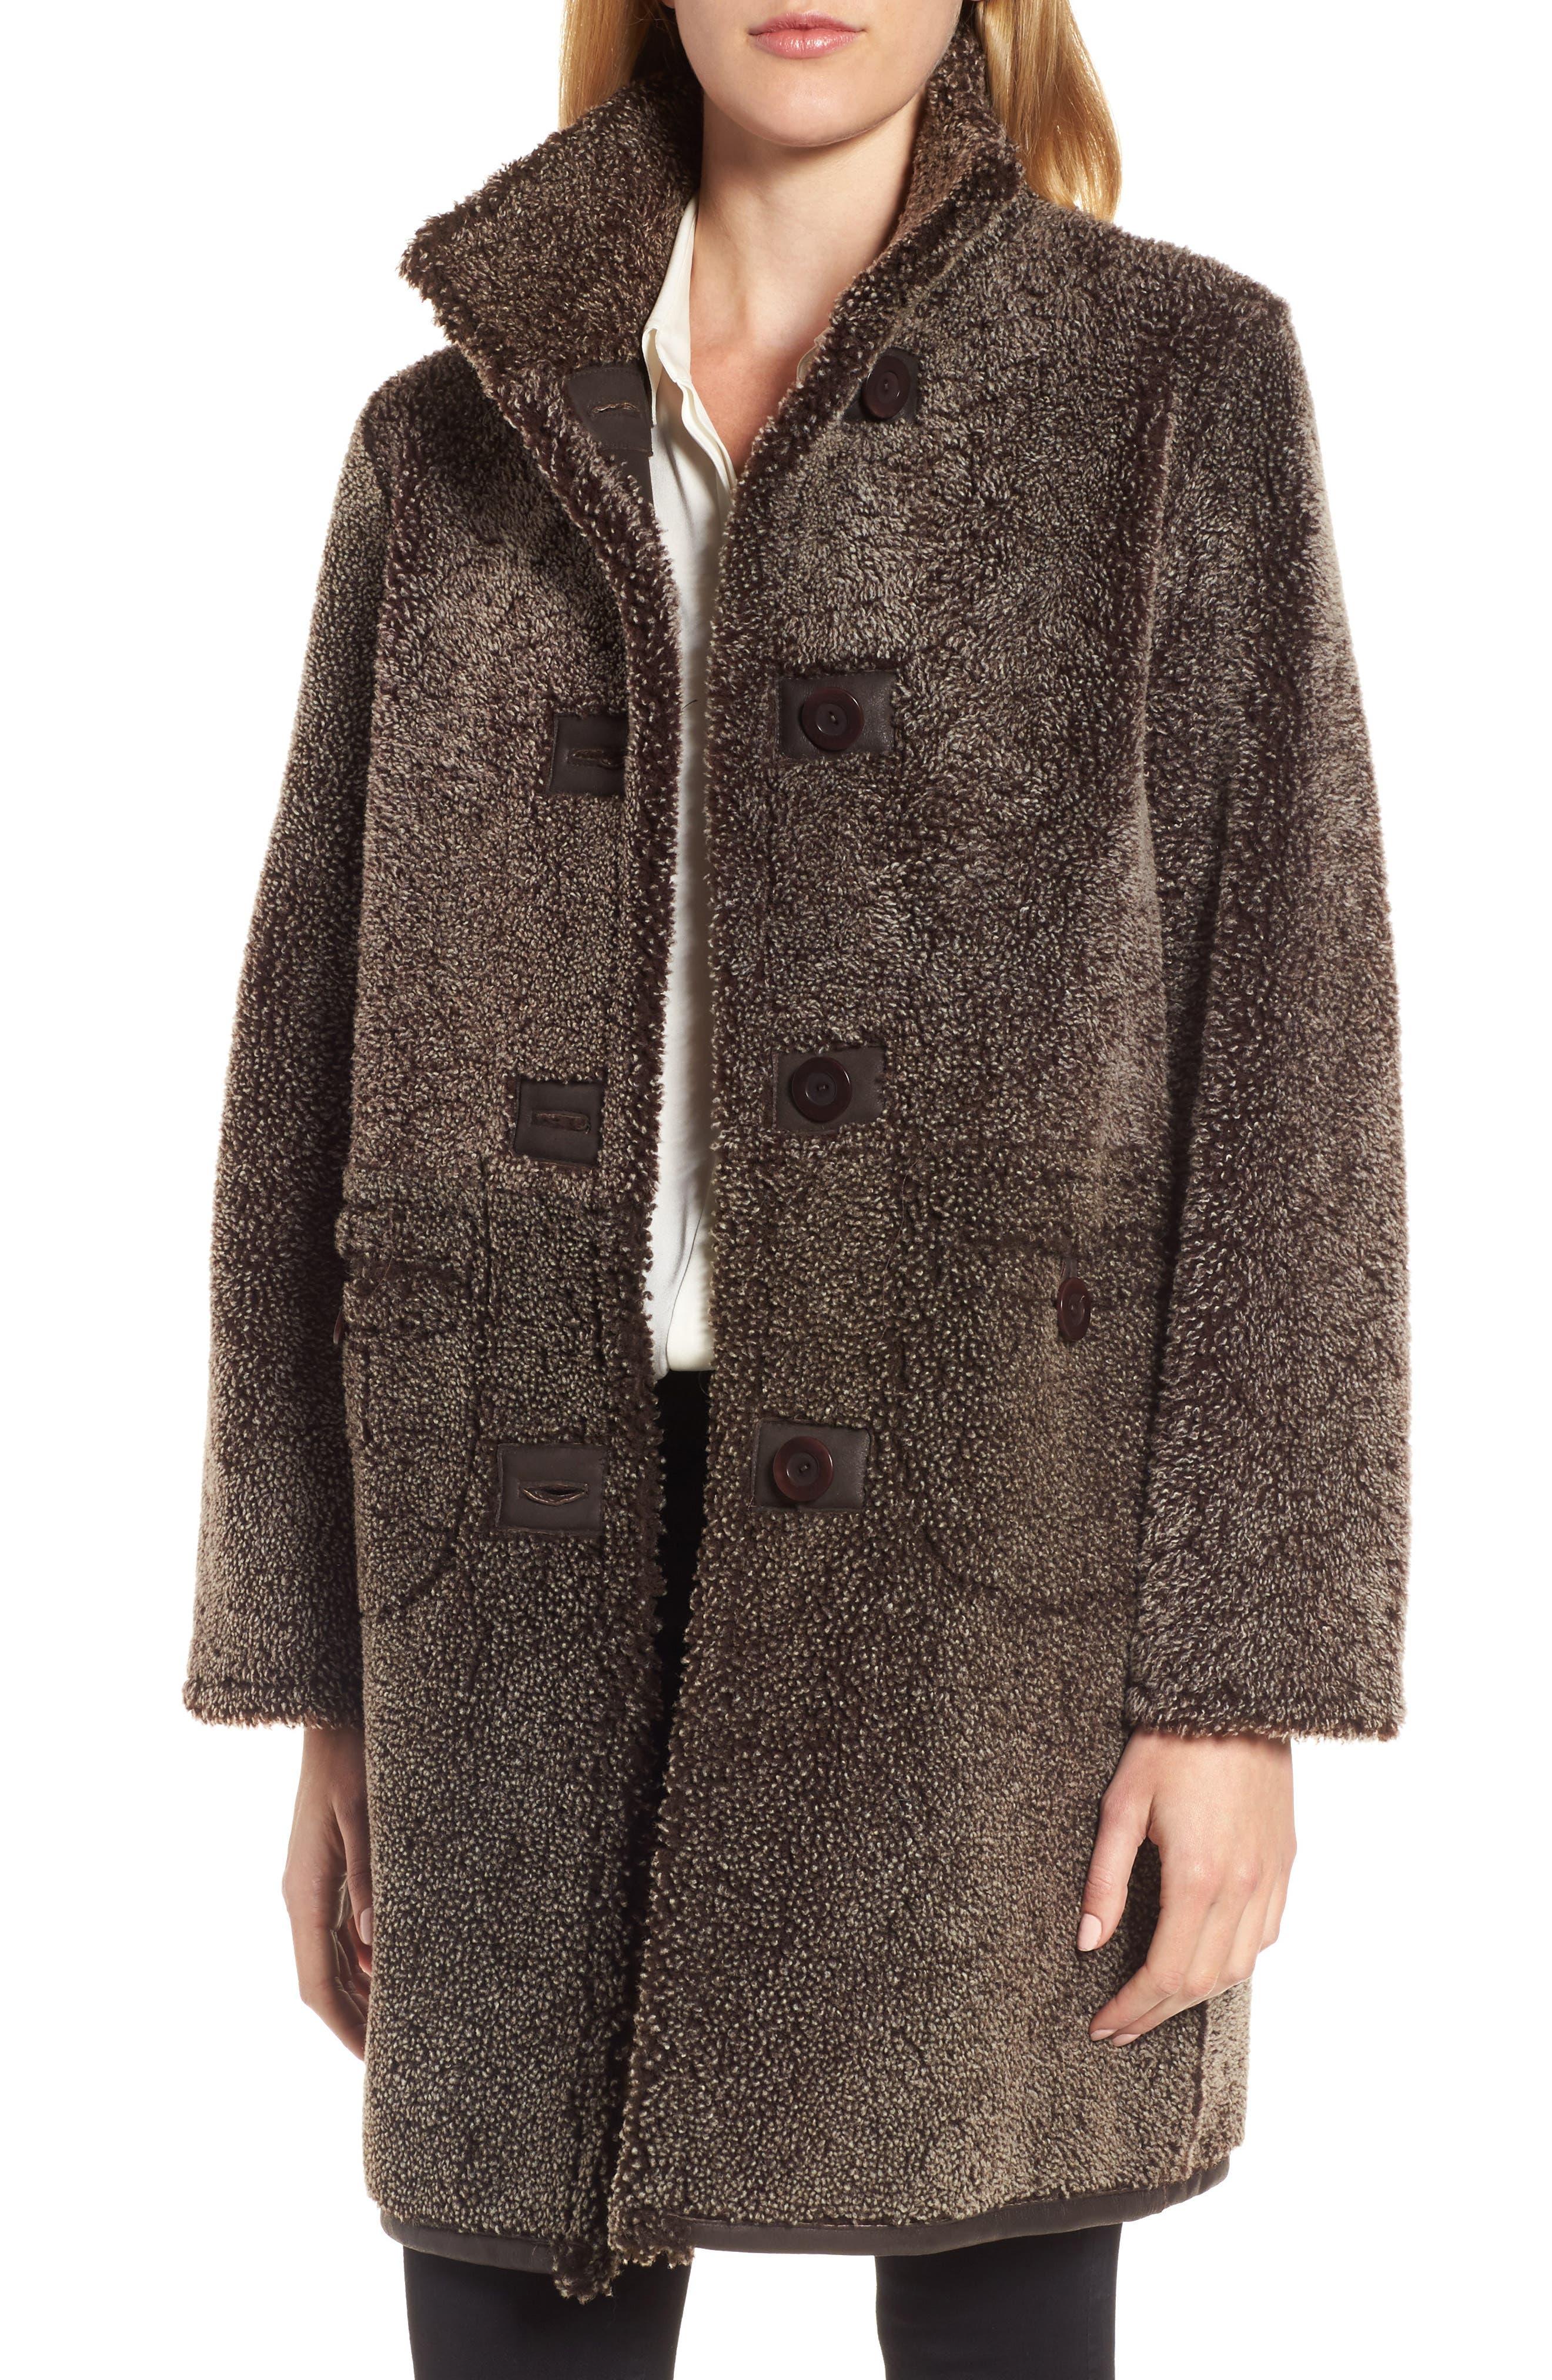 Reversible Genuine Shearling Coat,                             Alternate thumbnail 4, color,                             203